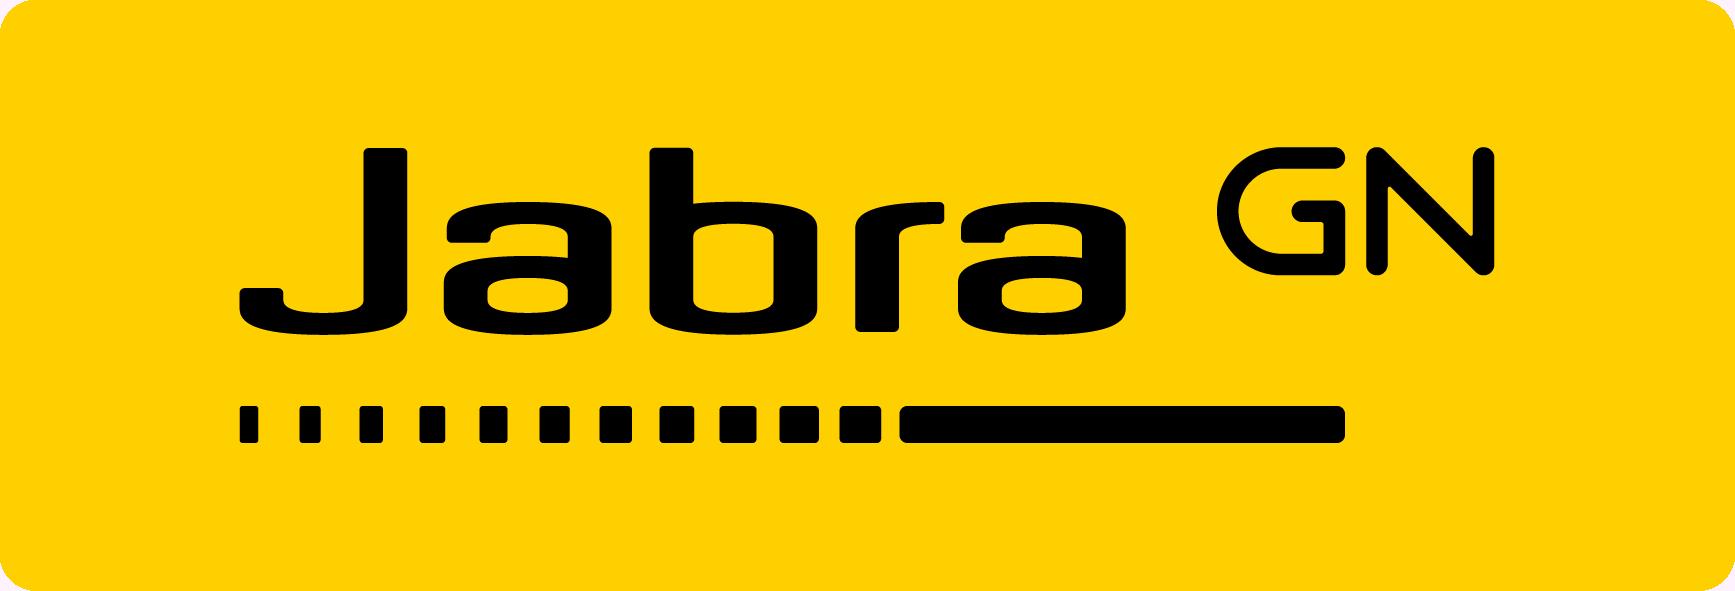 CONSUMER Jabra GN BrandMark RGB 150ppi